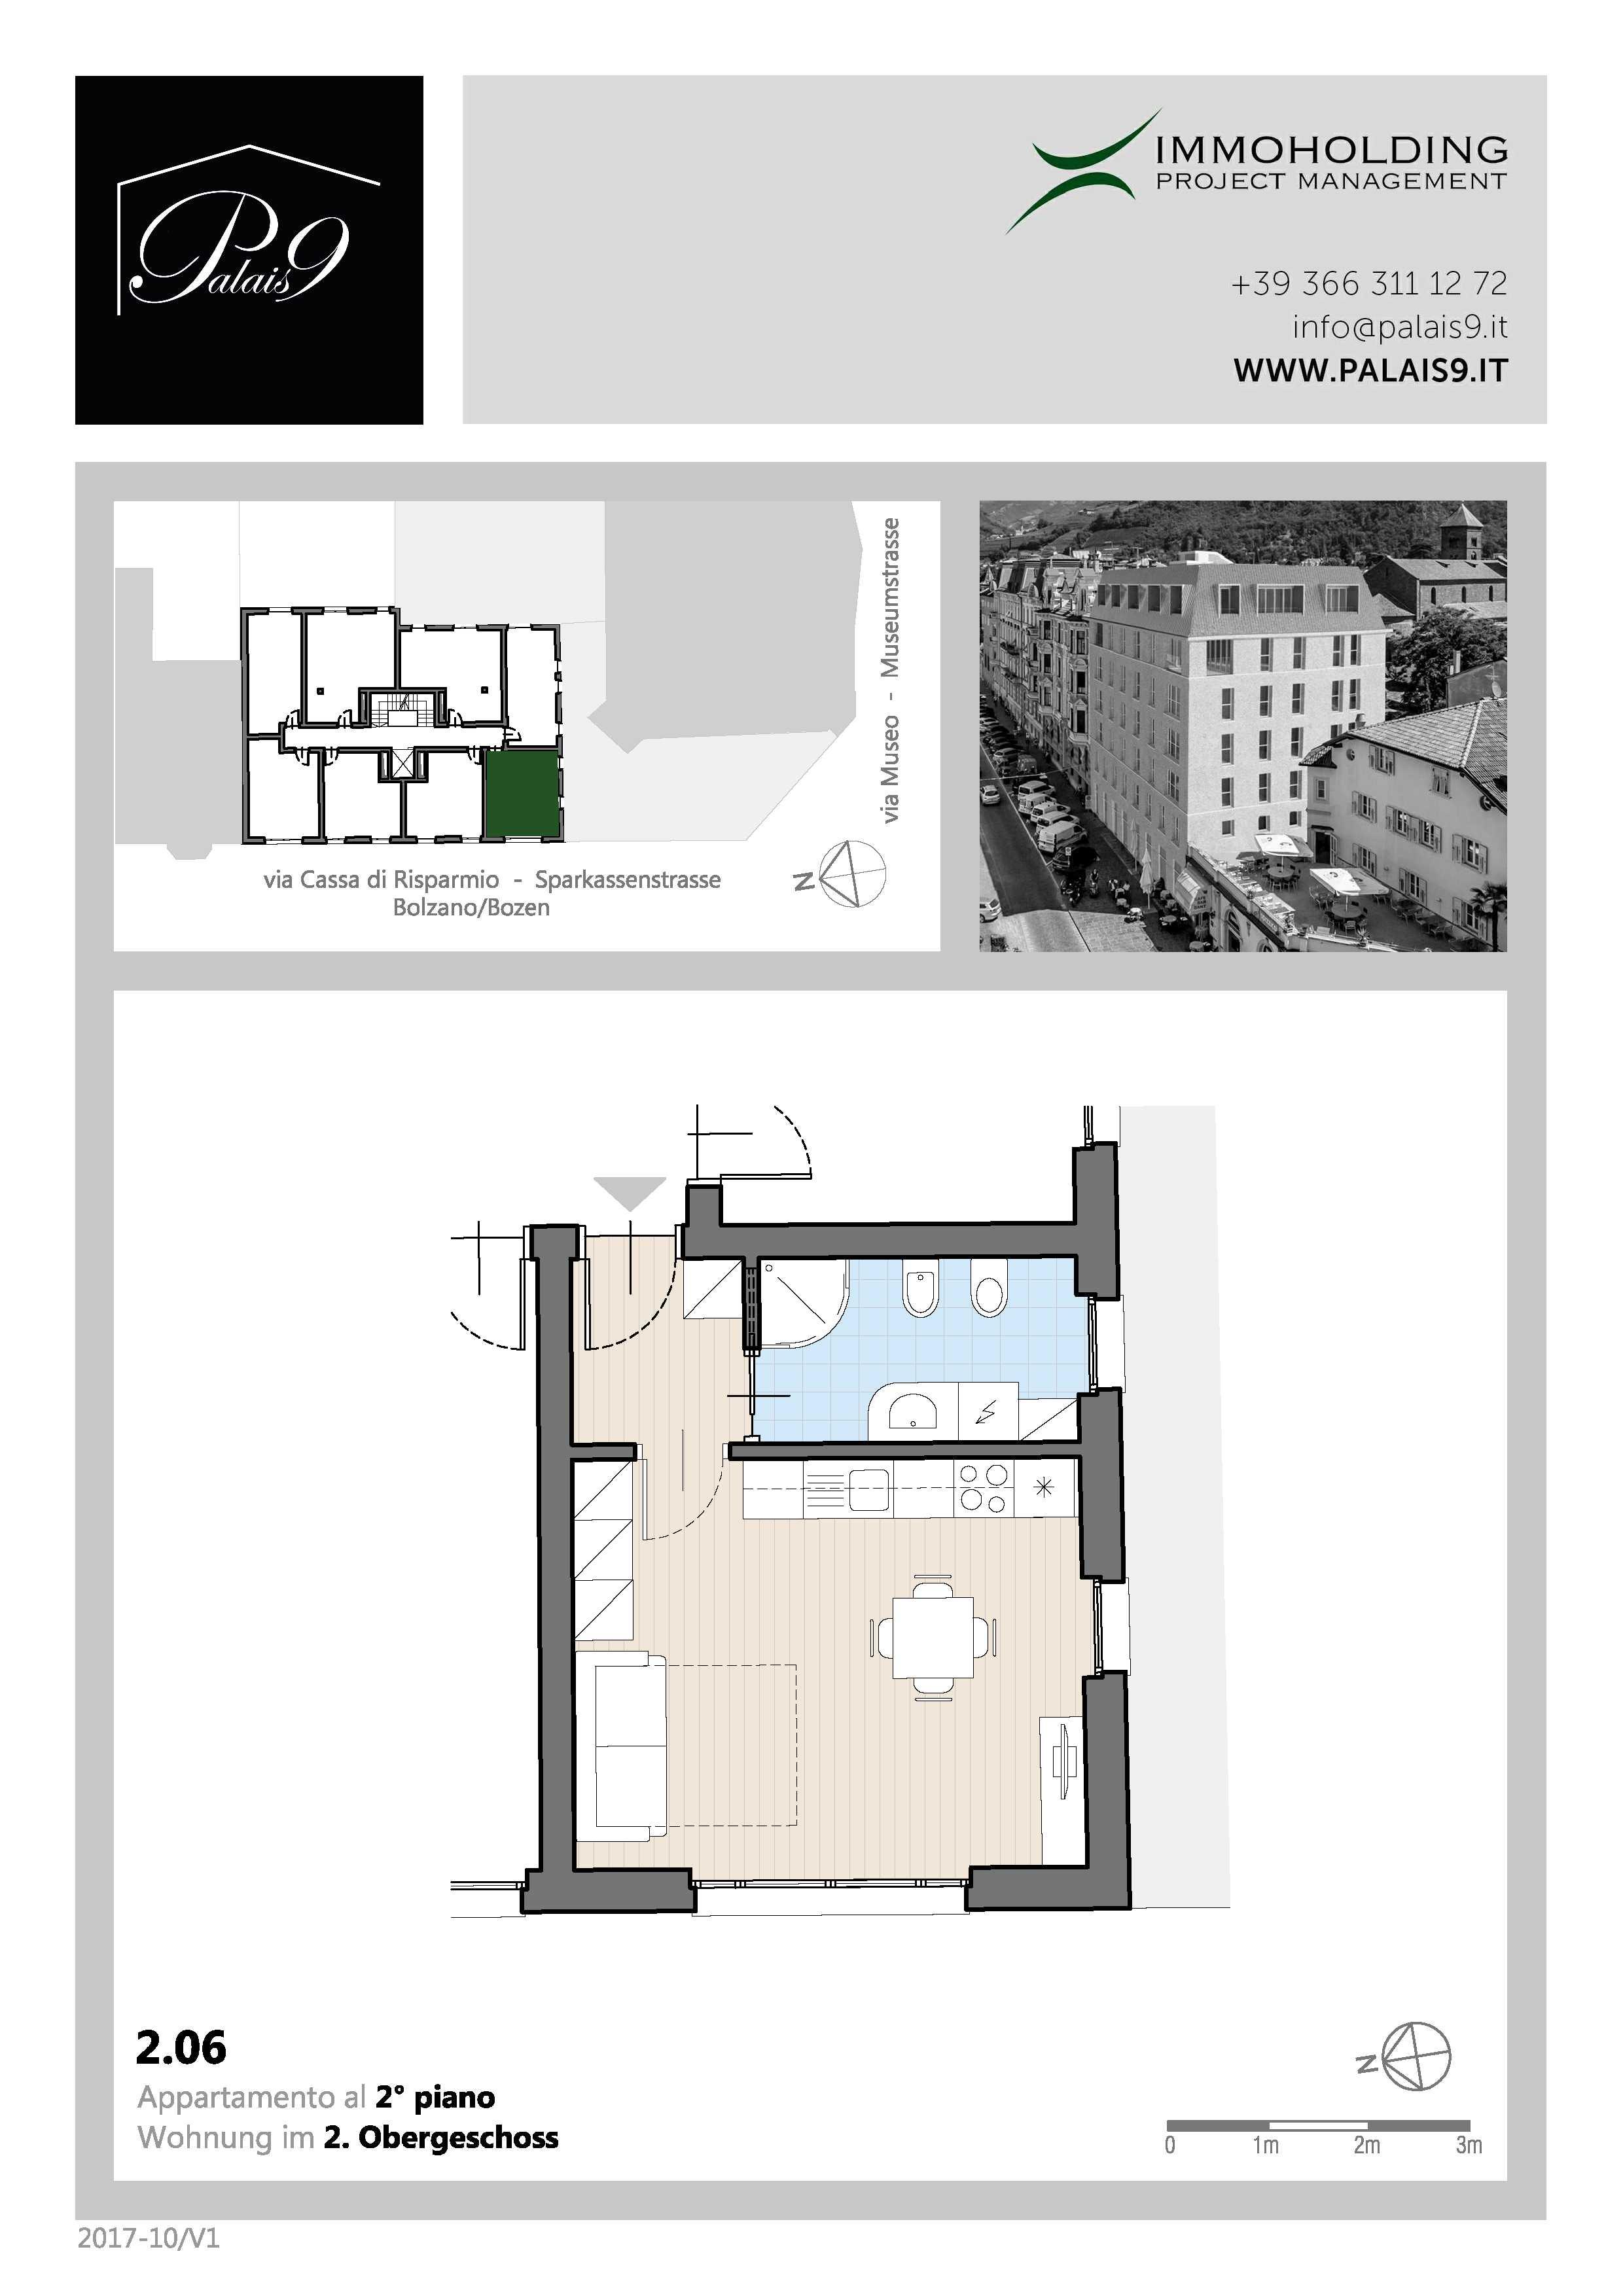 Appartamento 2.06